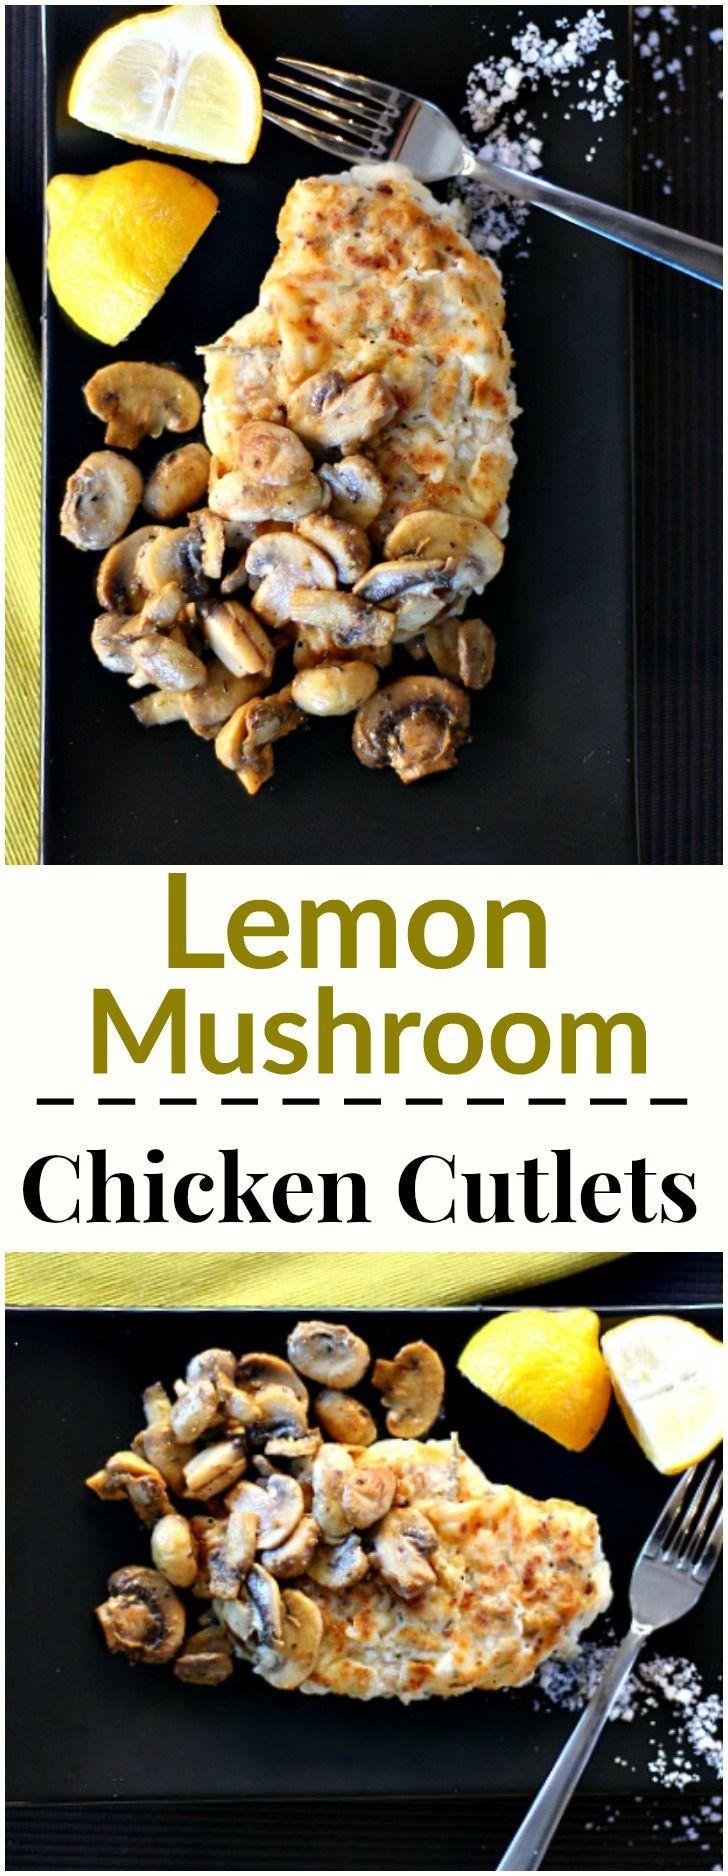 Easy Weeknight chicken breast cutlet recipe idea. Healthy dinner idea. So delicious.